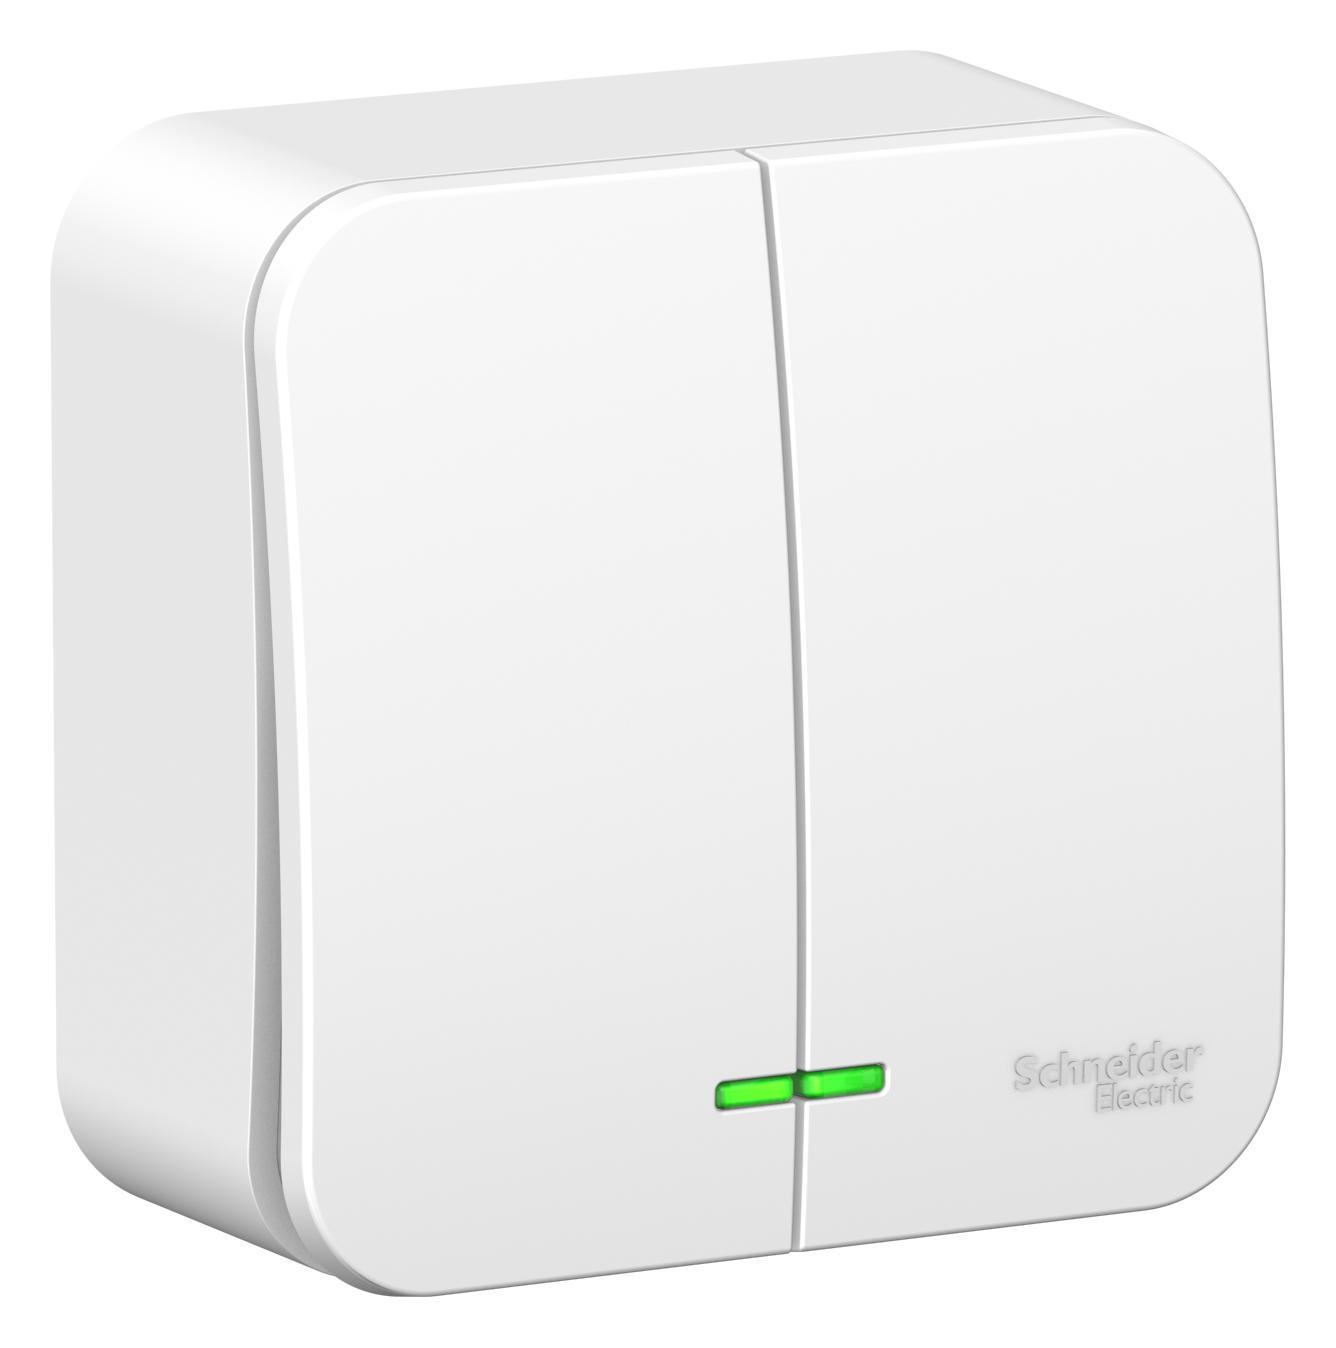 Выключатель Schneider electric Blnva105101 blanca лонгслив printio с пробегом по германии